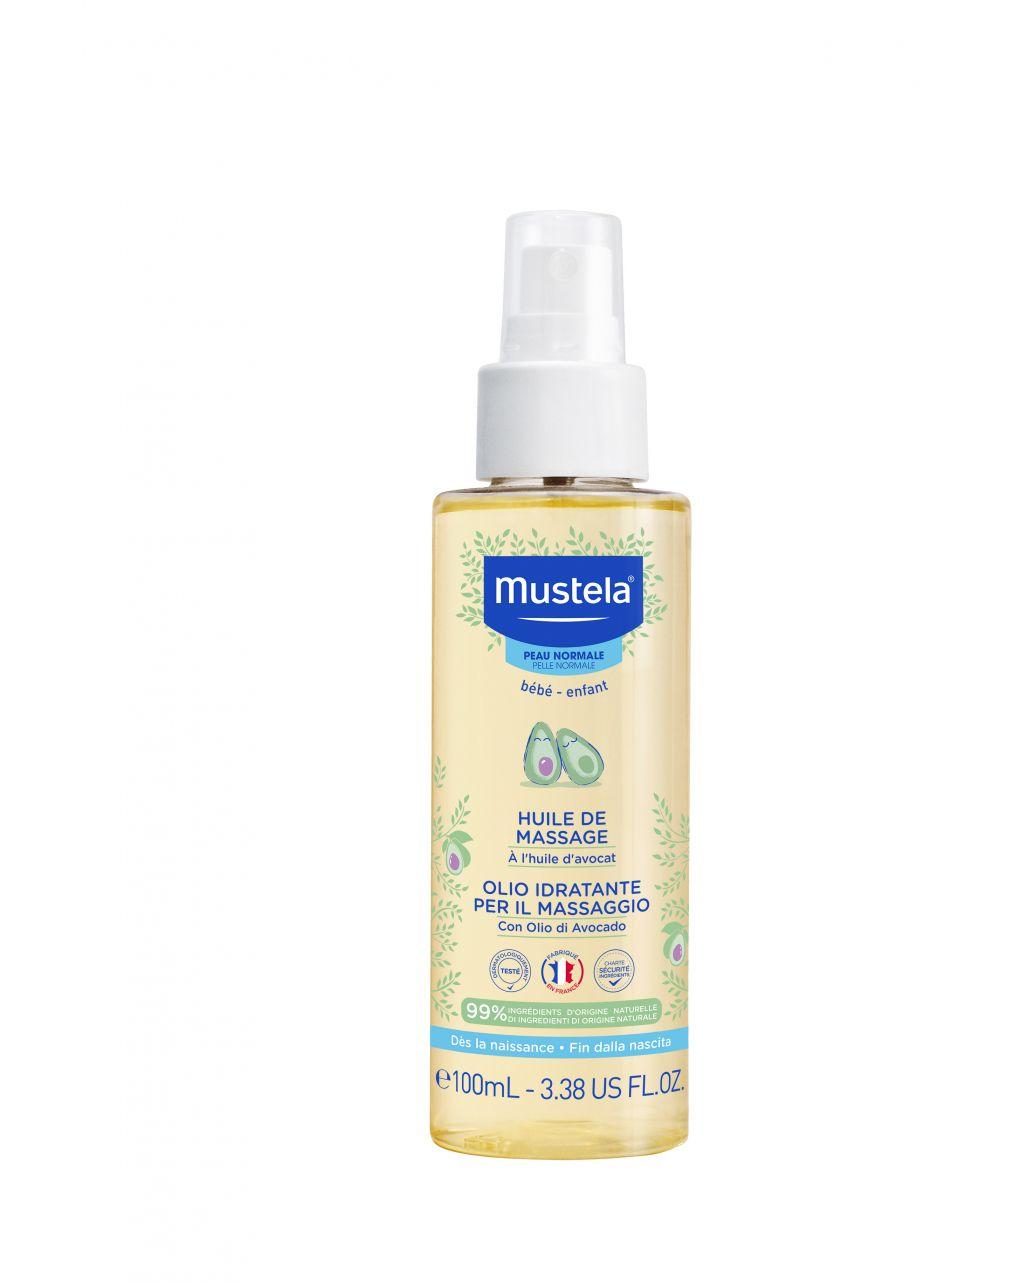 Olio idratante per il massaggio 100 ml - Mustela